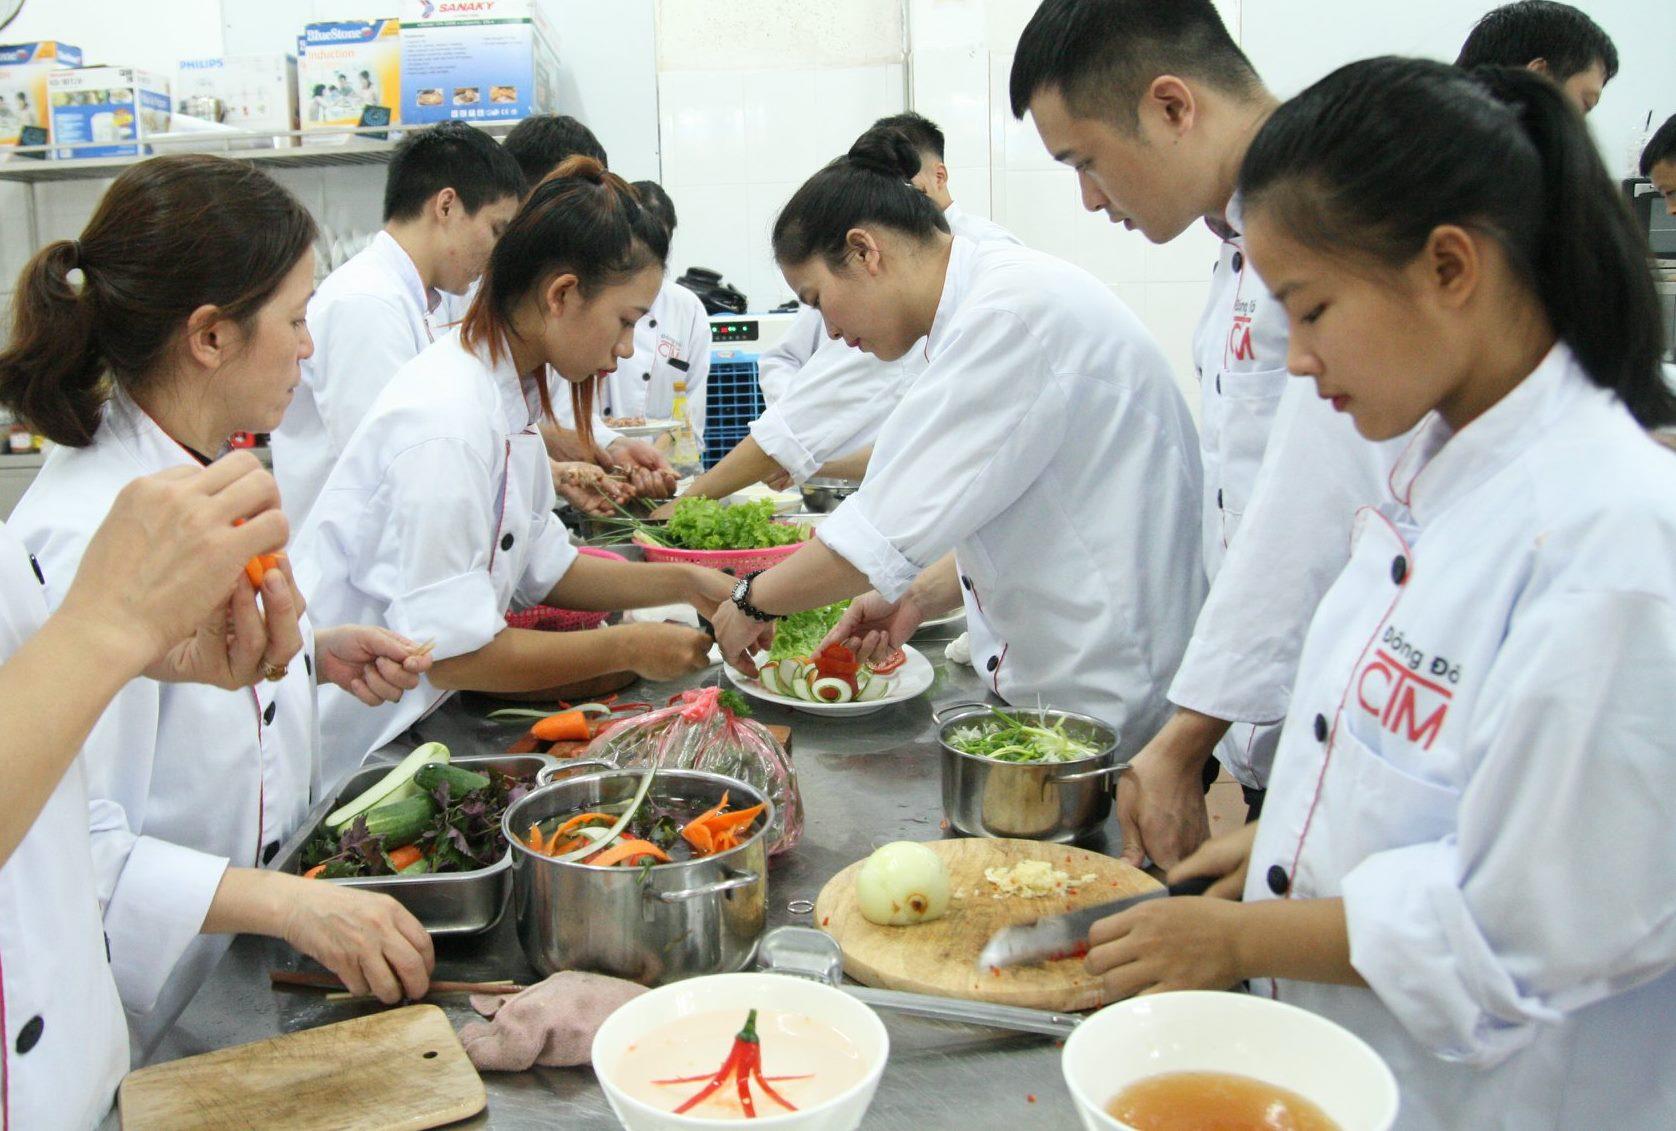 Phân công công việc hợp lí là thể hiện tính hệ thống của người đầu bếp